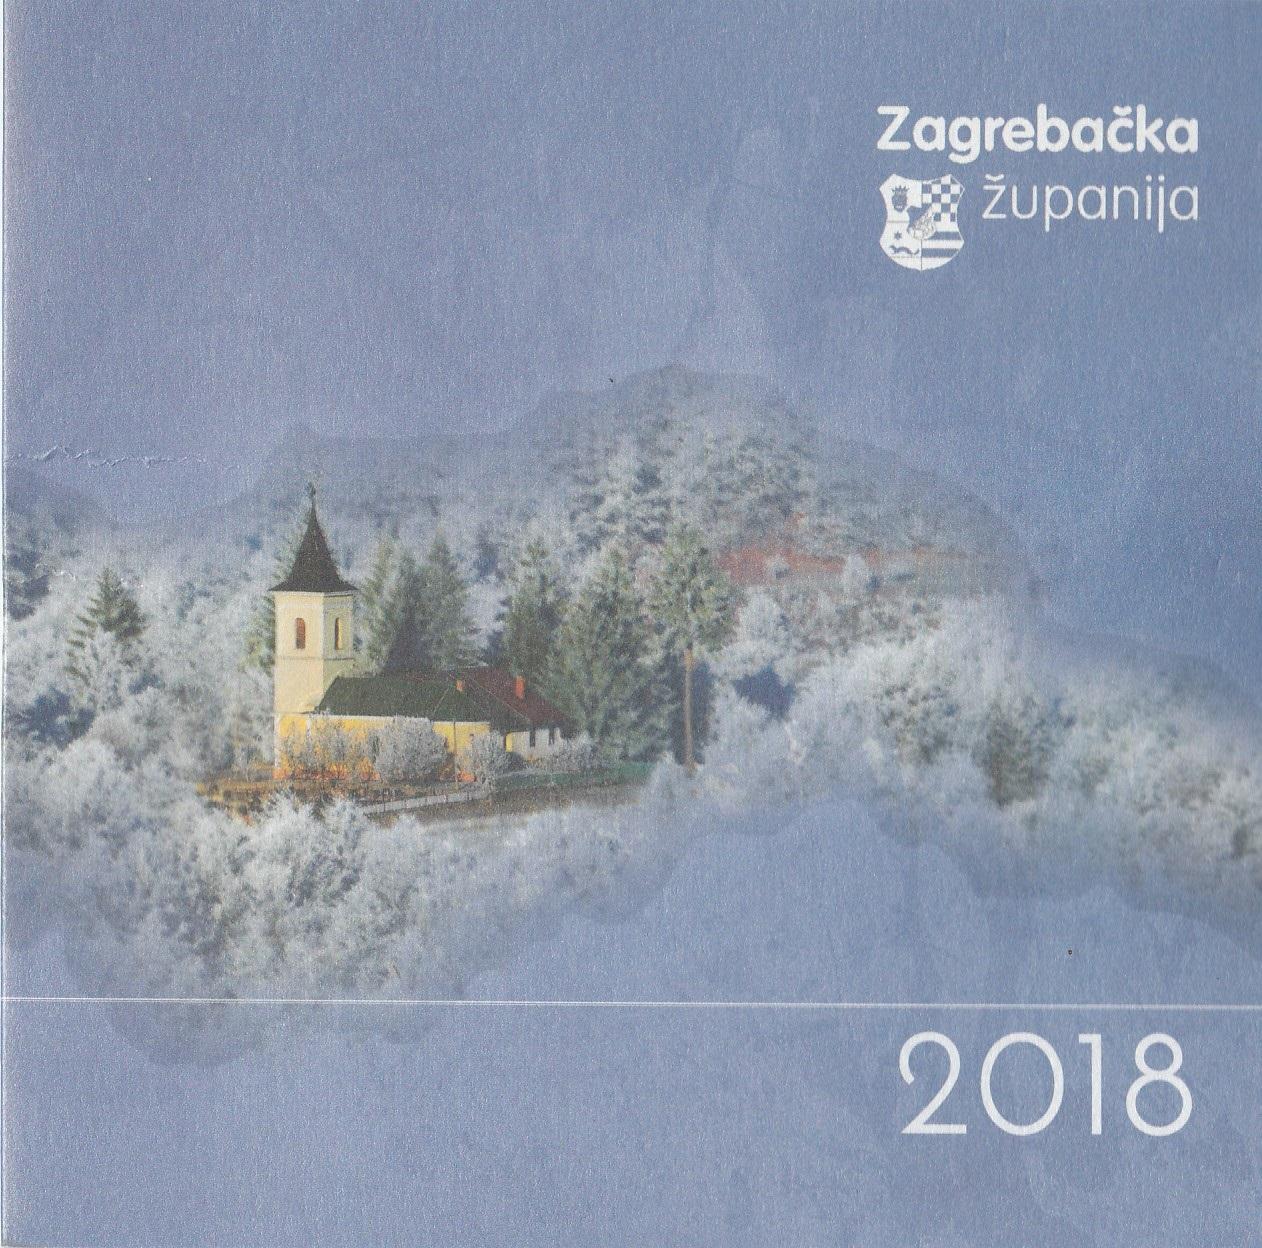 Grabarska župna crkva na službenim čestitkama Zagrebačke županije